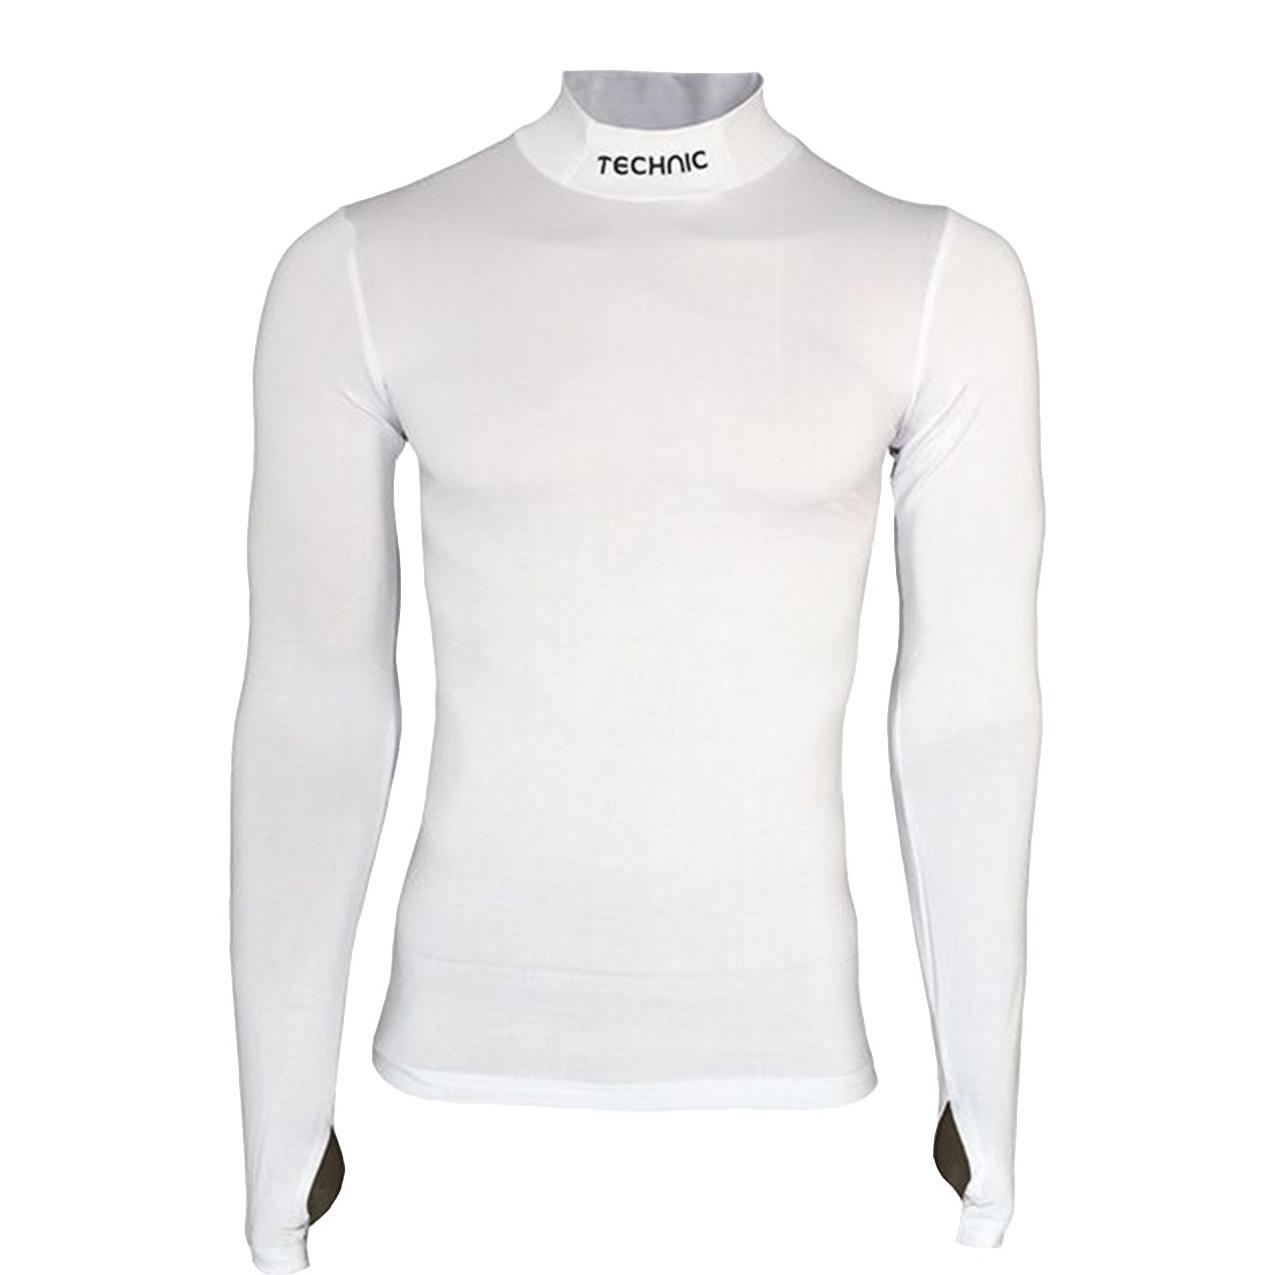 تی شرت ورزشی مردانه تکنیک مدل TS-123